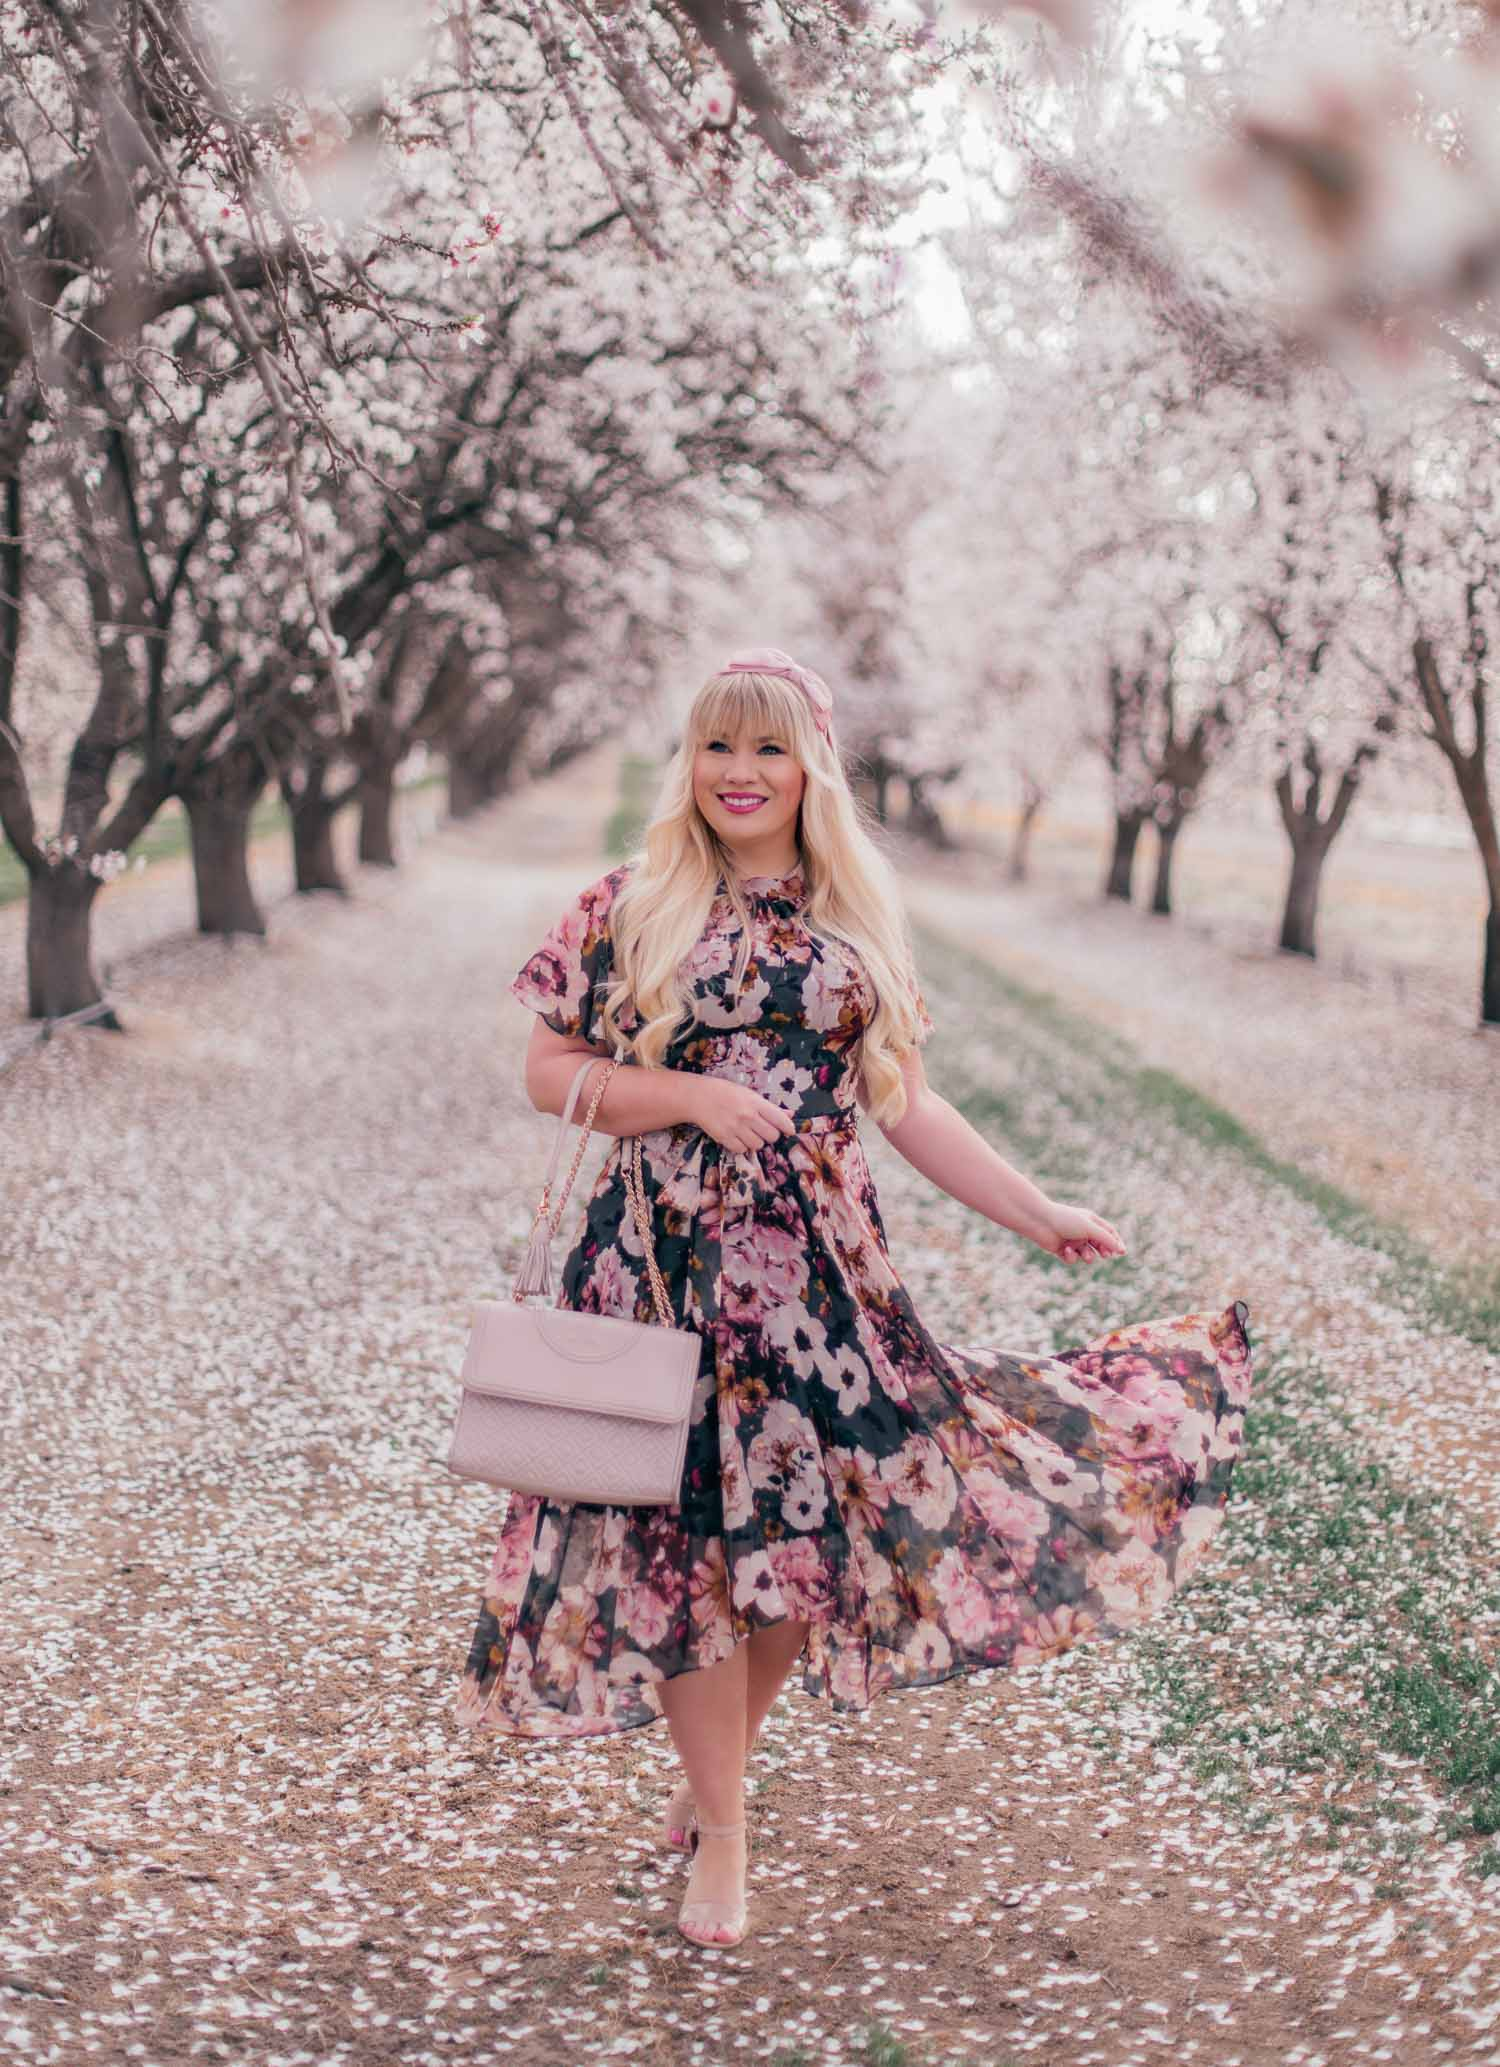 Elizabeth Hugen of Lizzie in Lace wears a dark floral spring dress